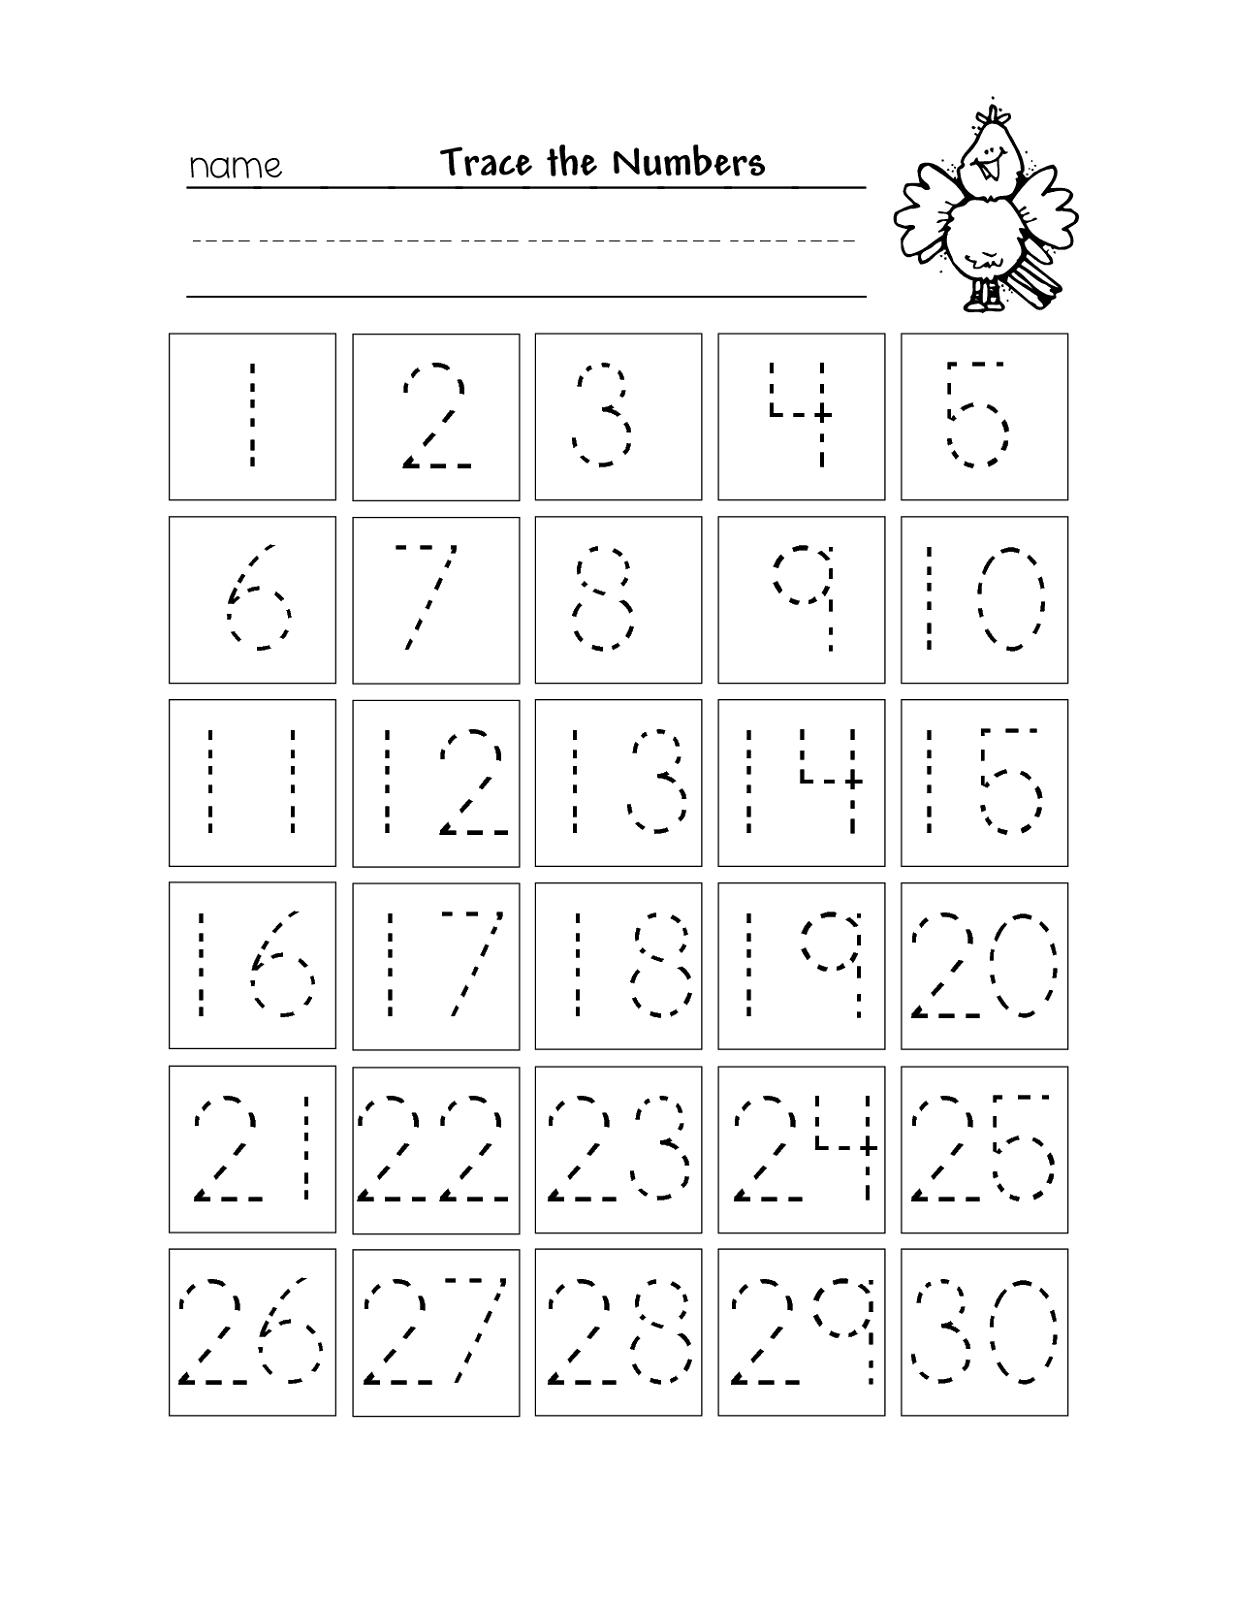 Free Printable Number Chart 1-30 | Kinder | Number Tracing - Free Printable Tracing Numbers 1 50